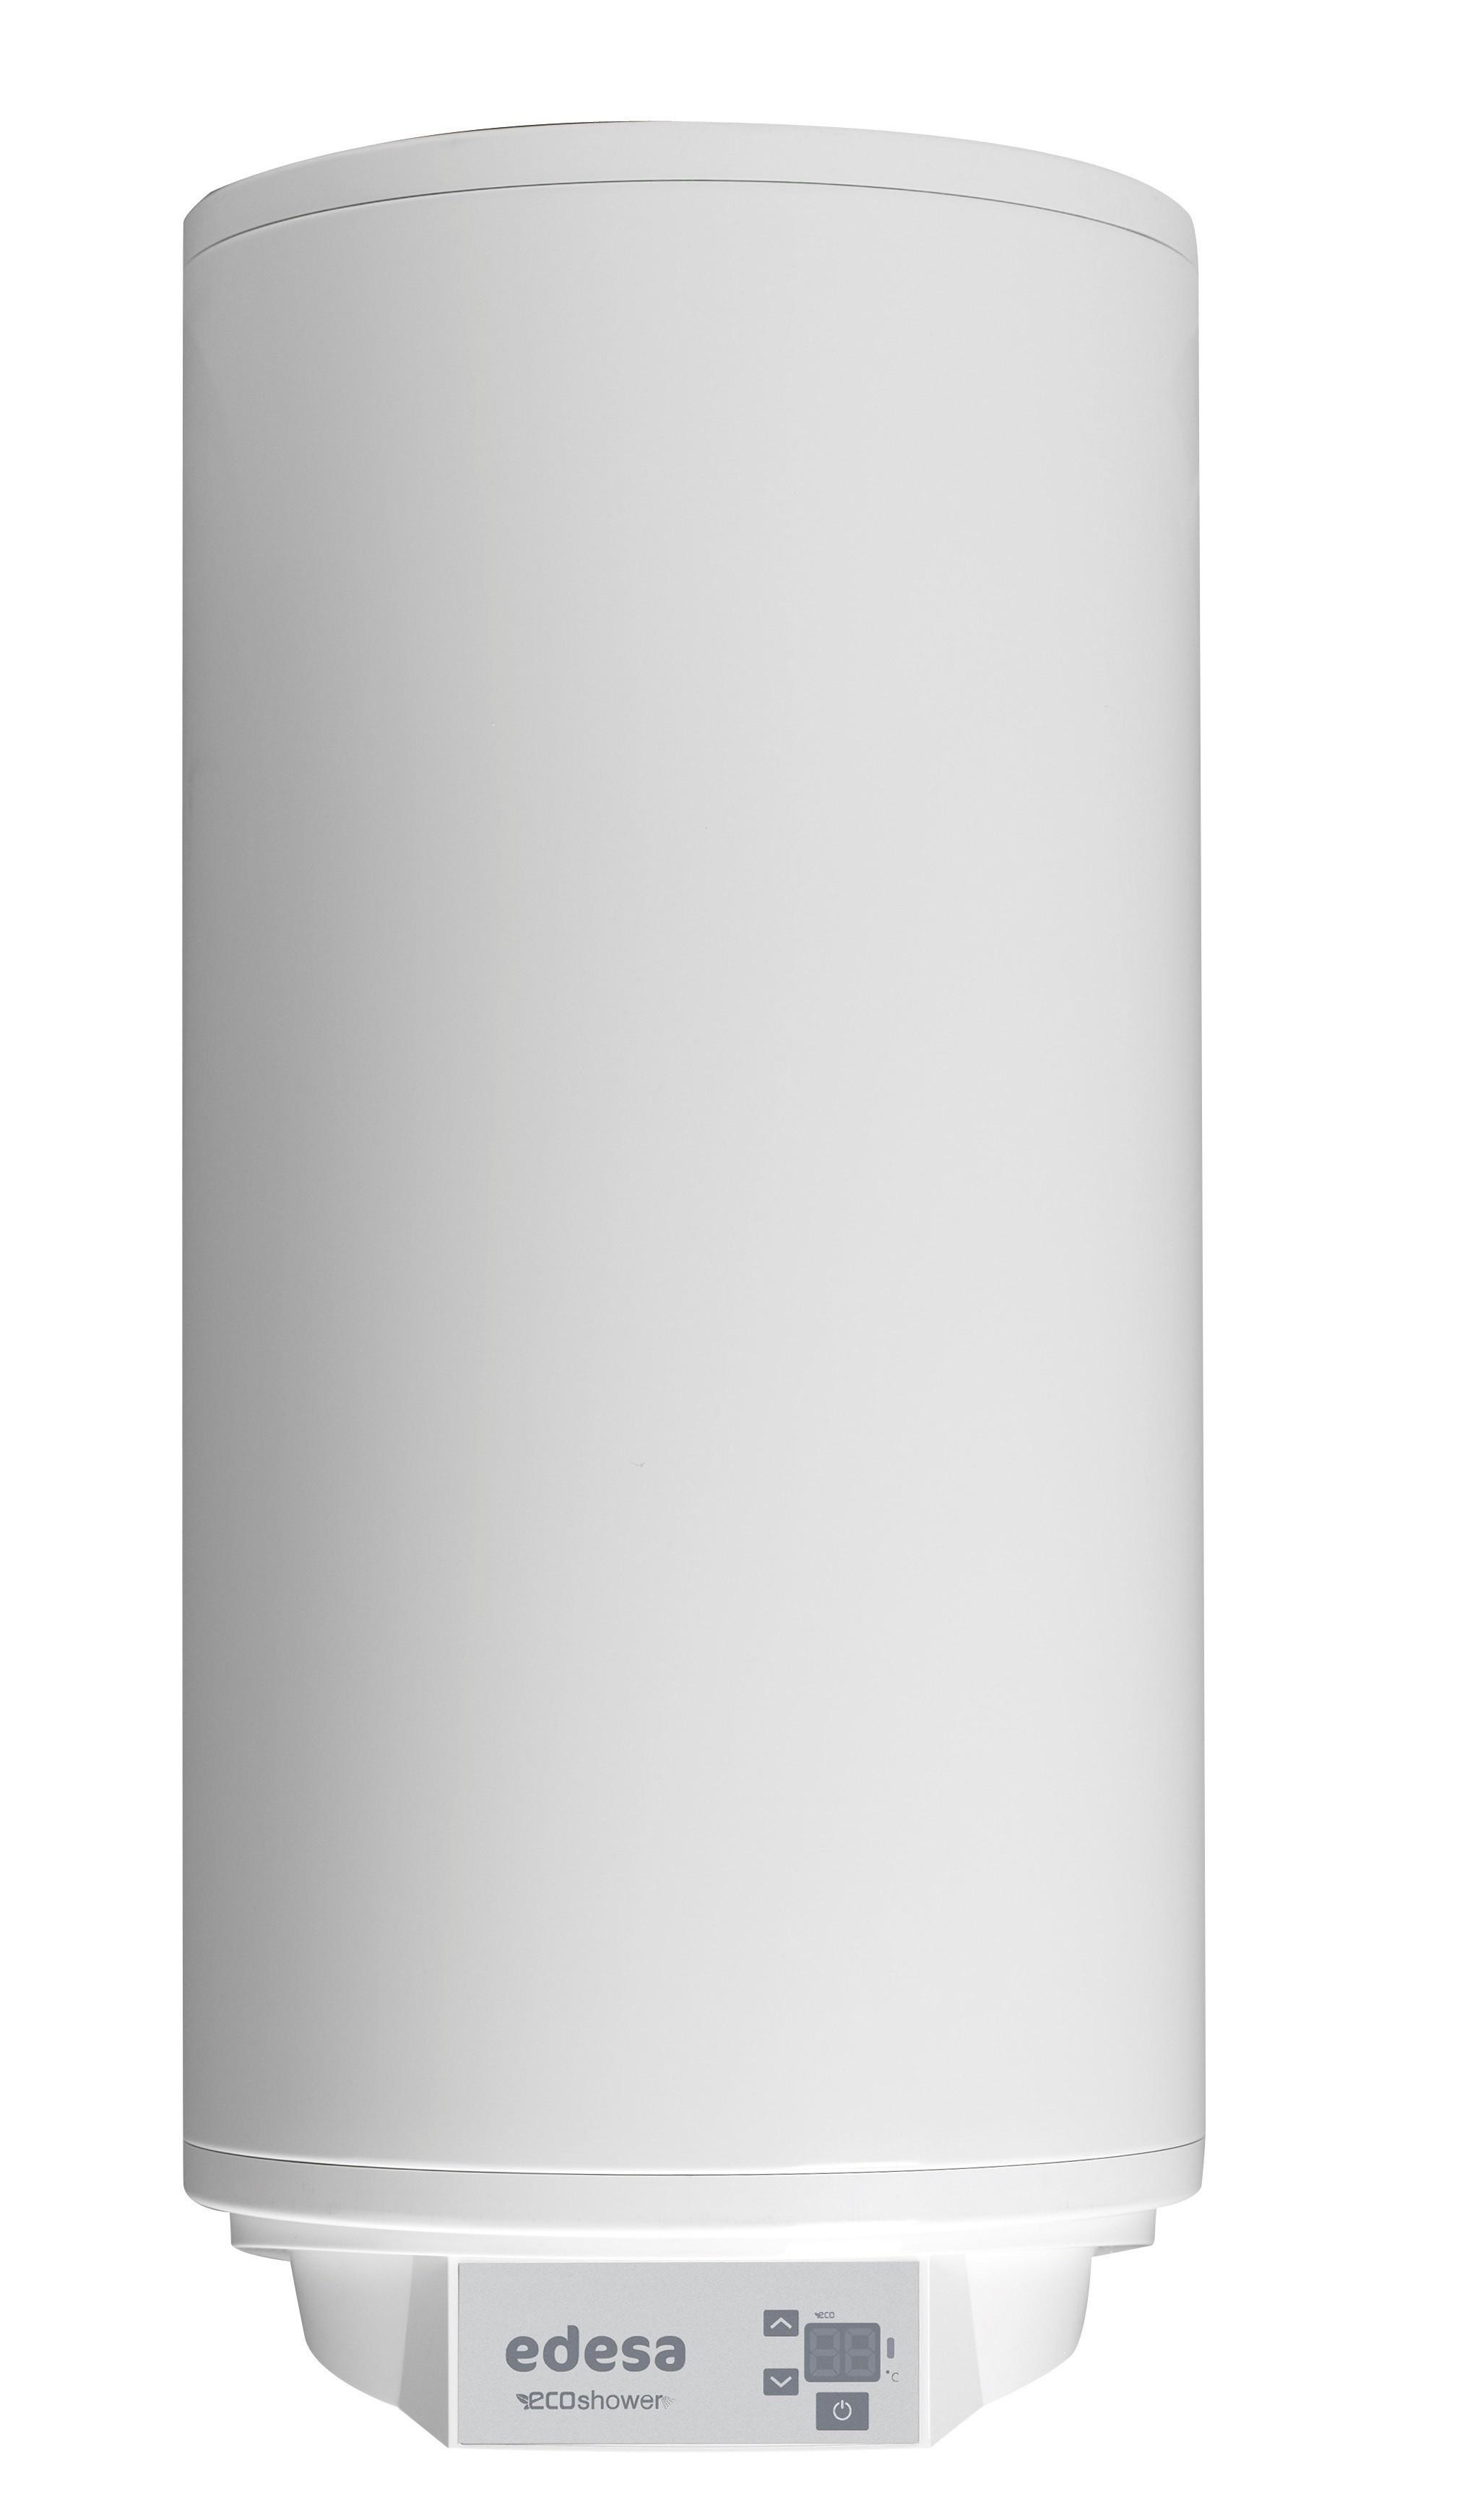 EDESA ECOSHOWER-80